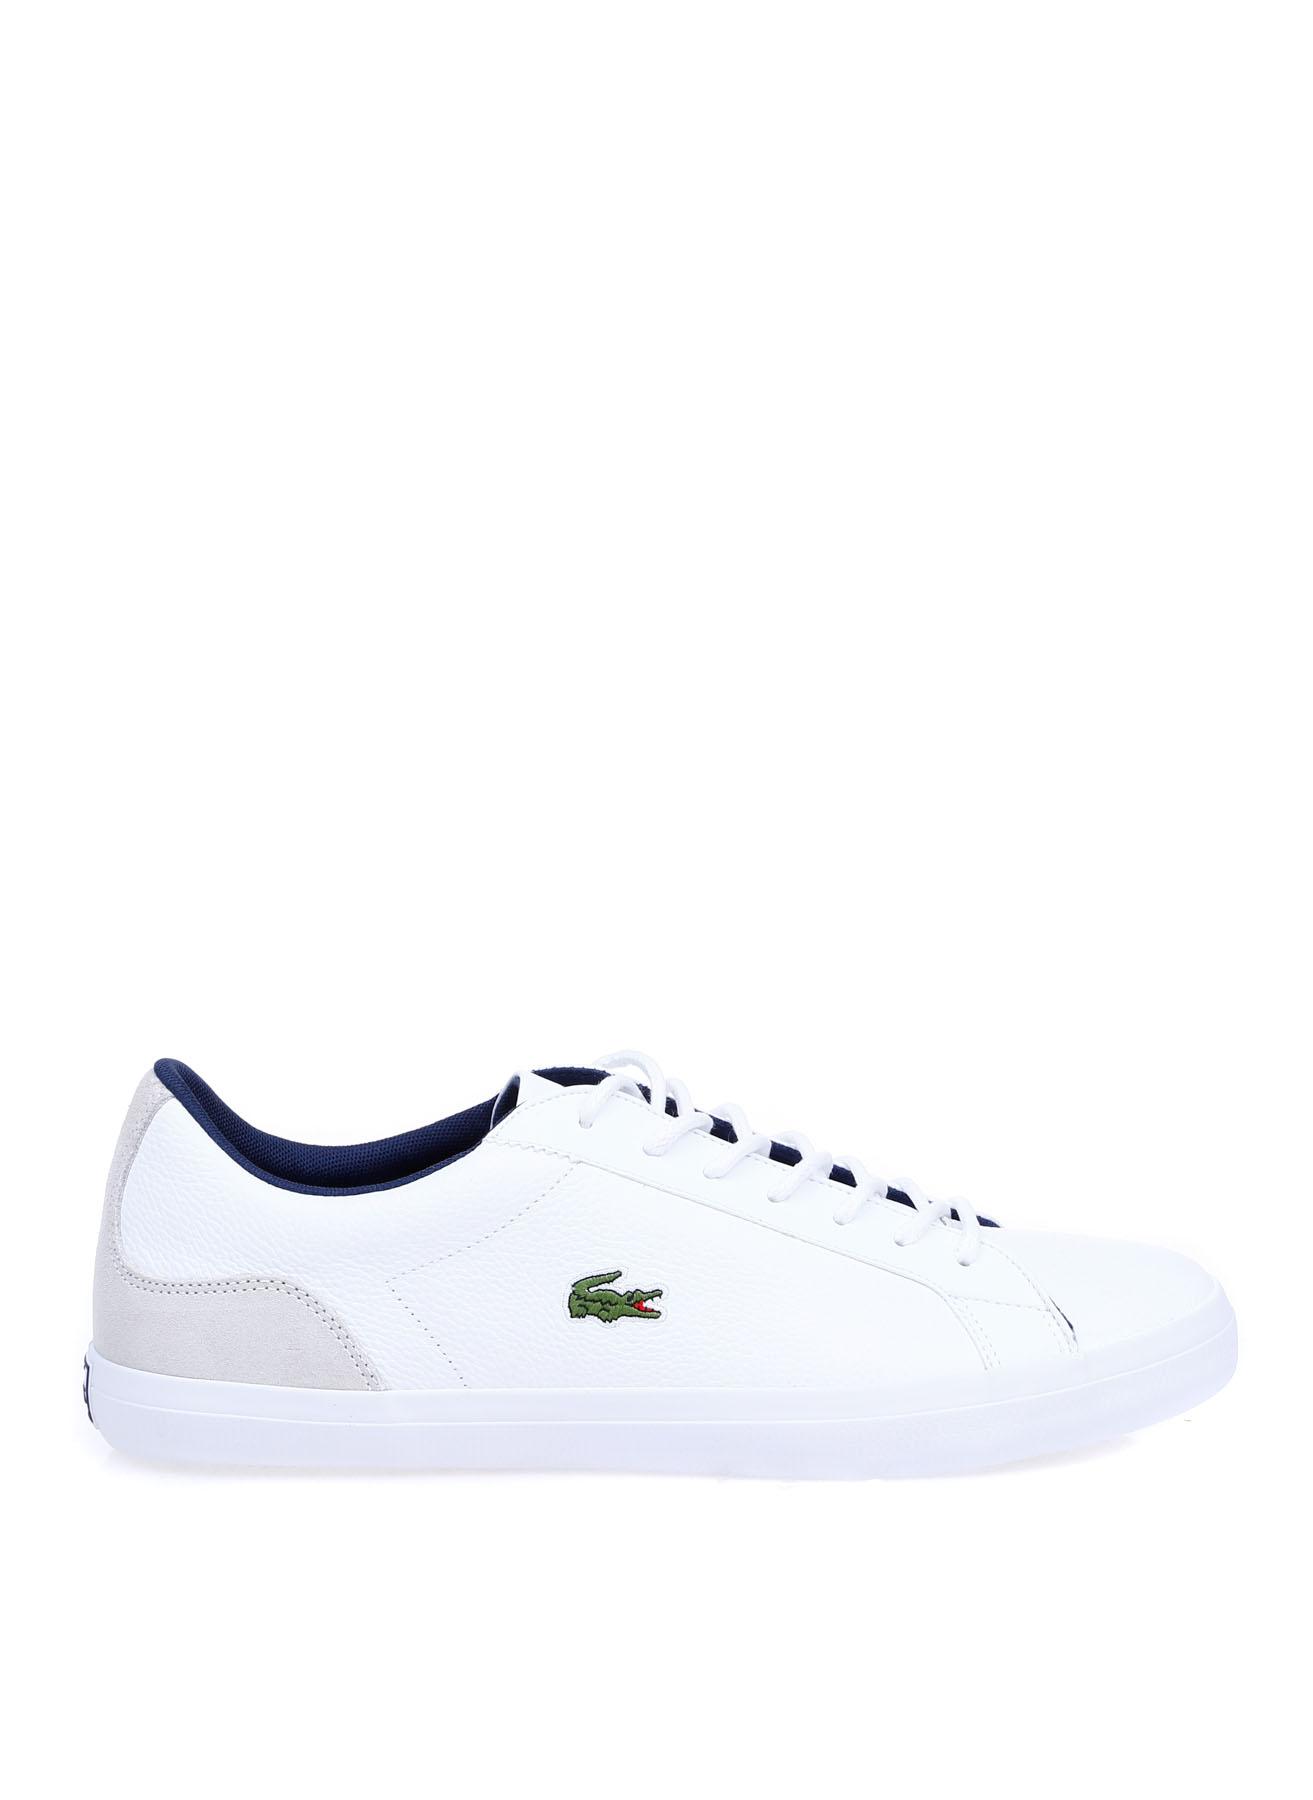 Lacoste Erkek Deri Beyaz Lifestyle Ayakkabı 41 5002314237003 Ürün Resmi